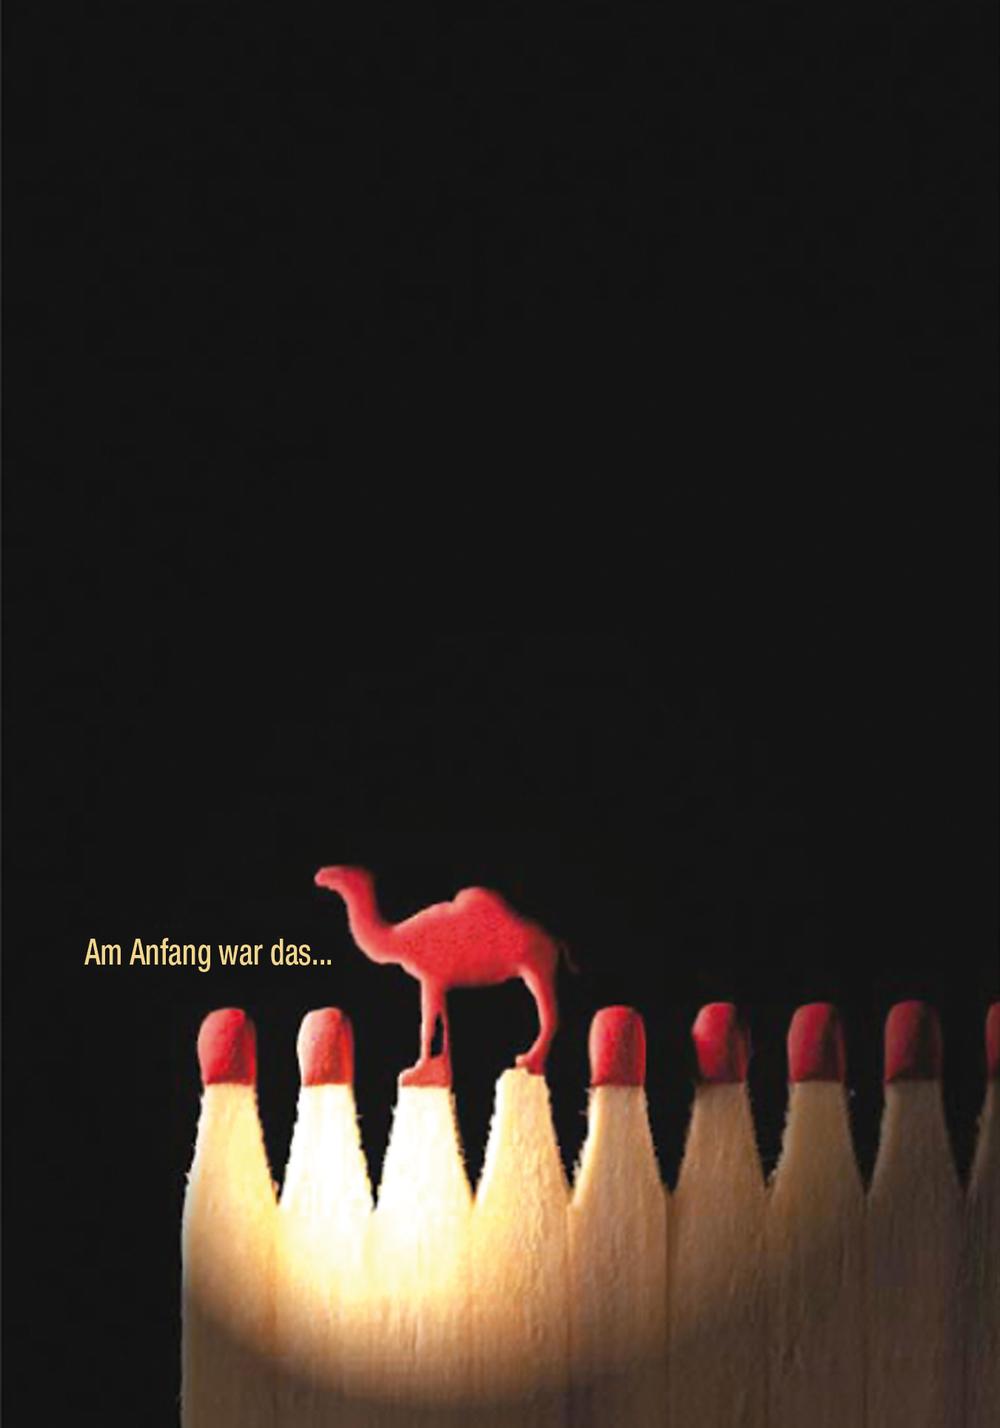 Camel Creative Challenge 2001  Rang 2 von 3000 Einsendungen